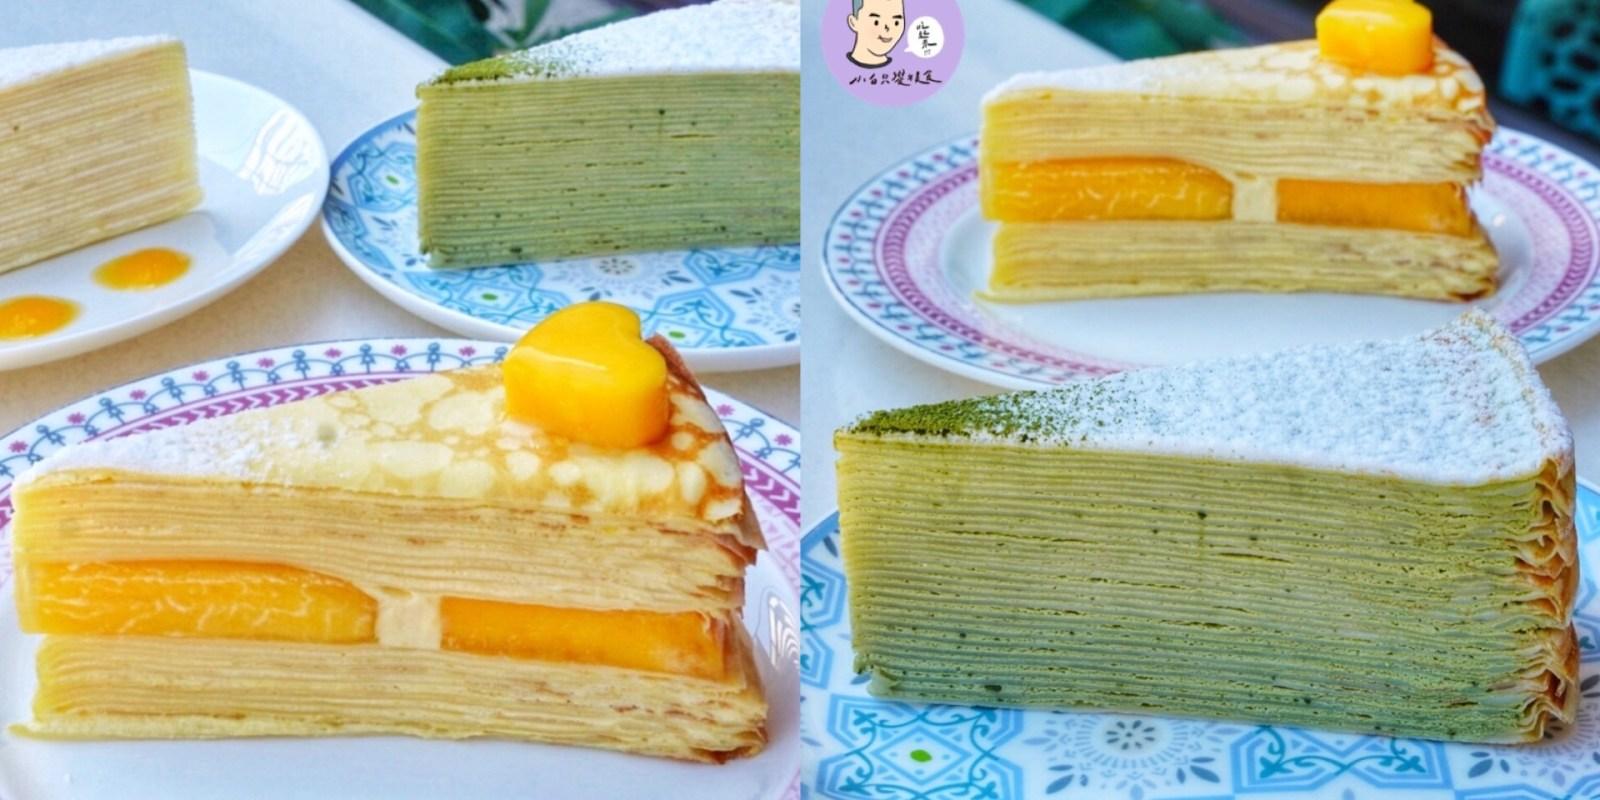 【台南美食】芙烈達法式千層蛋糕專賣店 免百元就能吃到!隱密在東區的巷子中